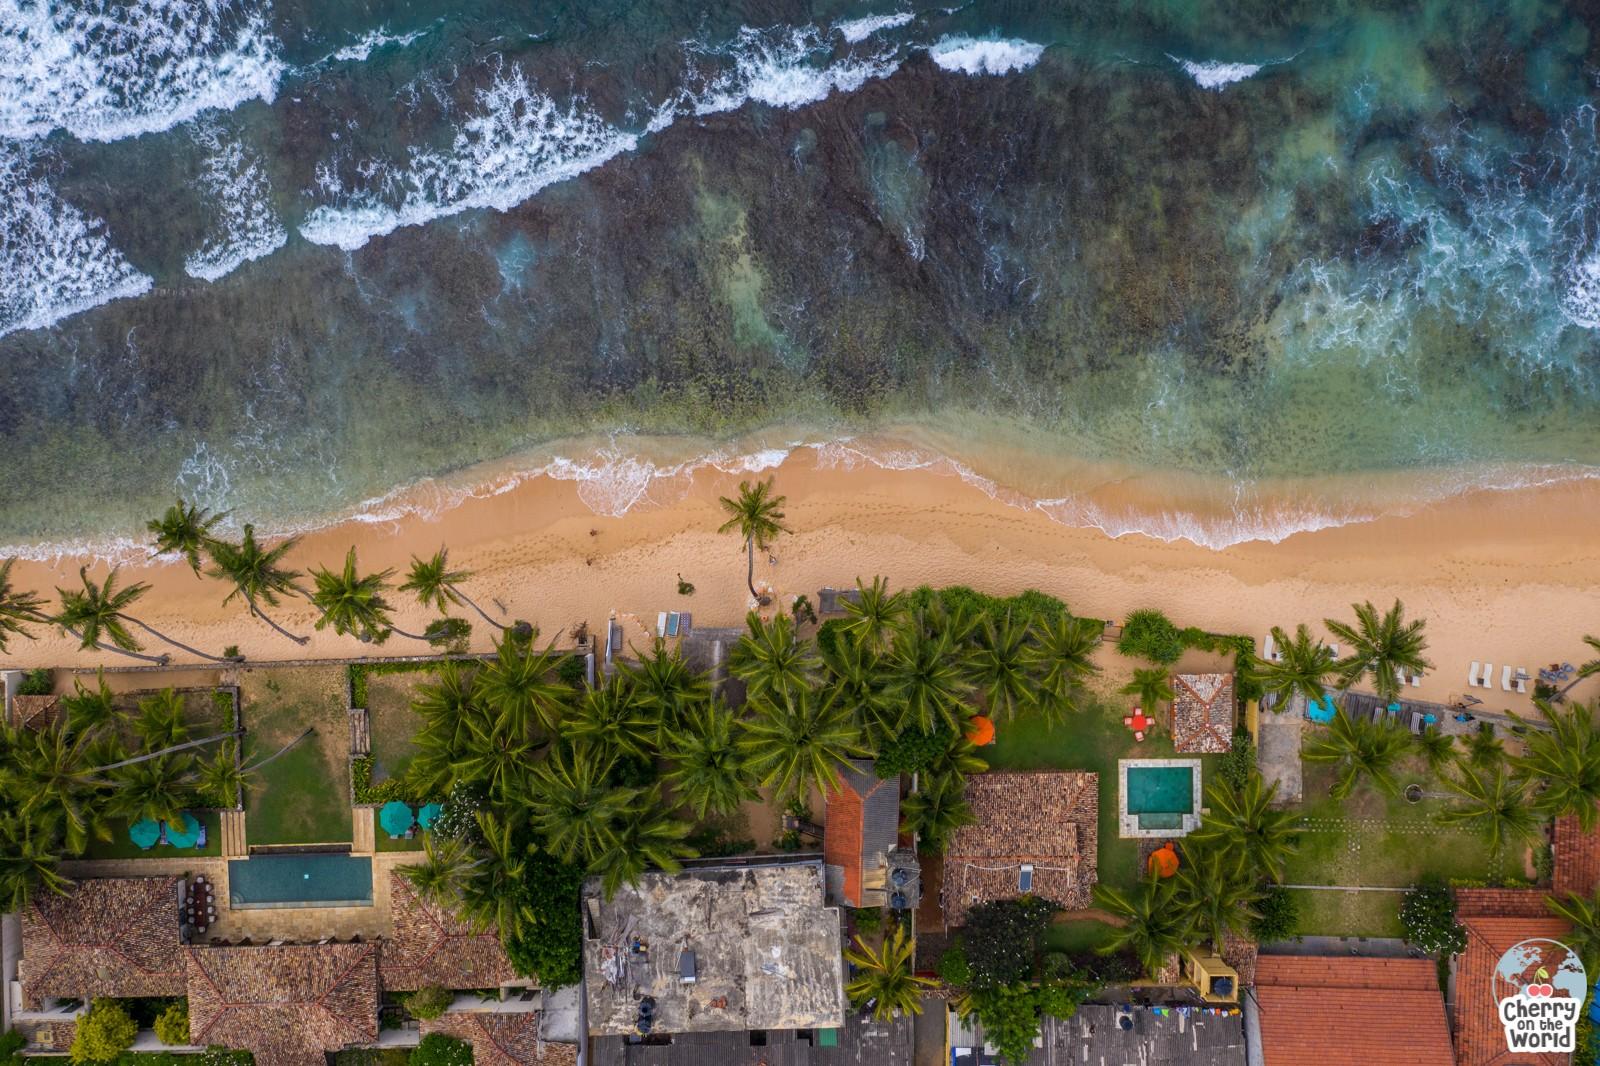 Partea sudică a Sri Lankăi - plaje și locuri splendide